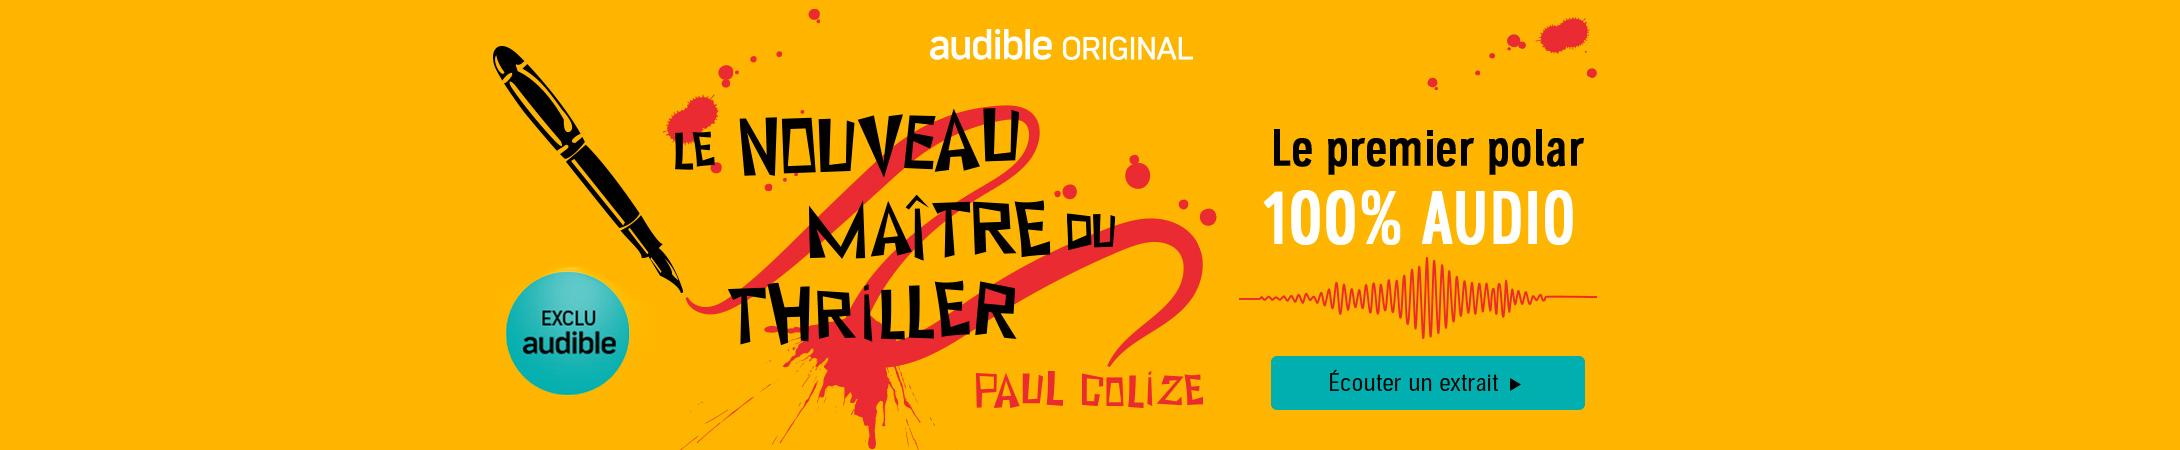 Le nouveau maître du thriller : le premier polar 100% audio